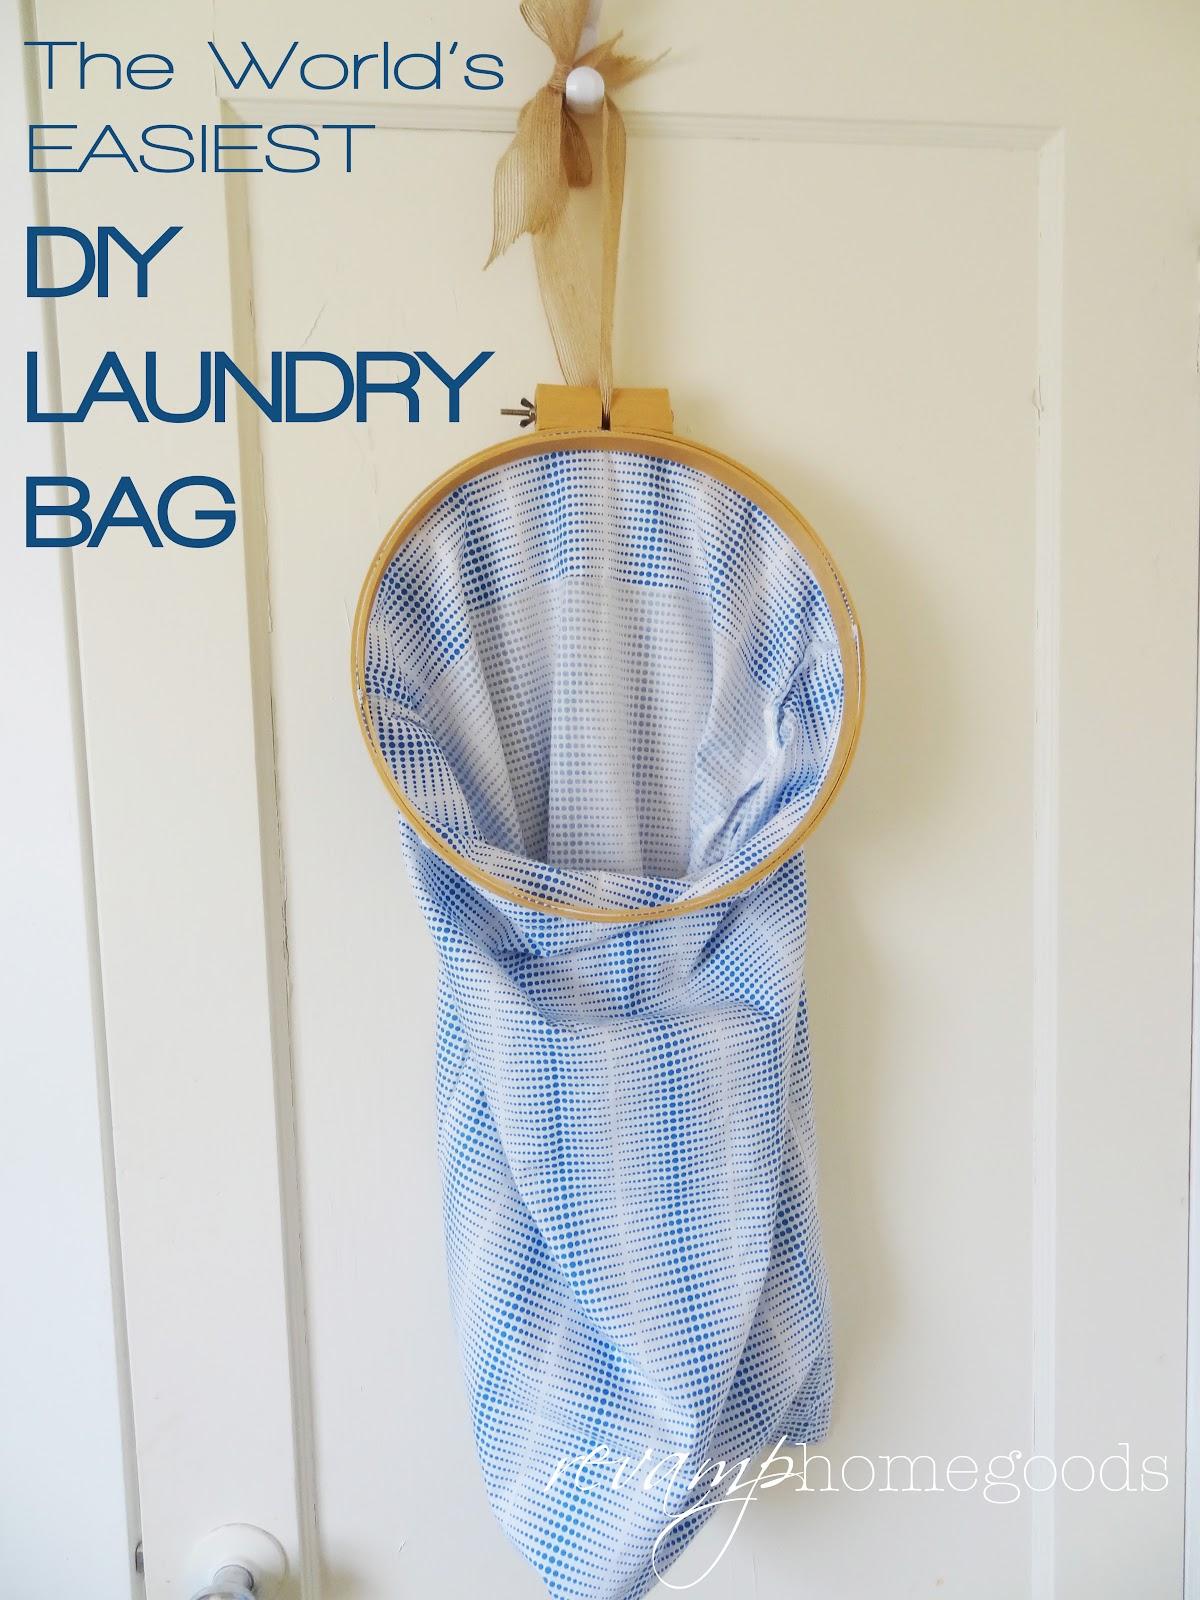 The World's EASIEST DIY Laundry Bag | Revamp Homegoods